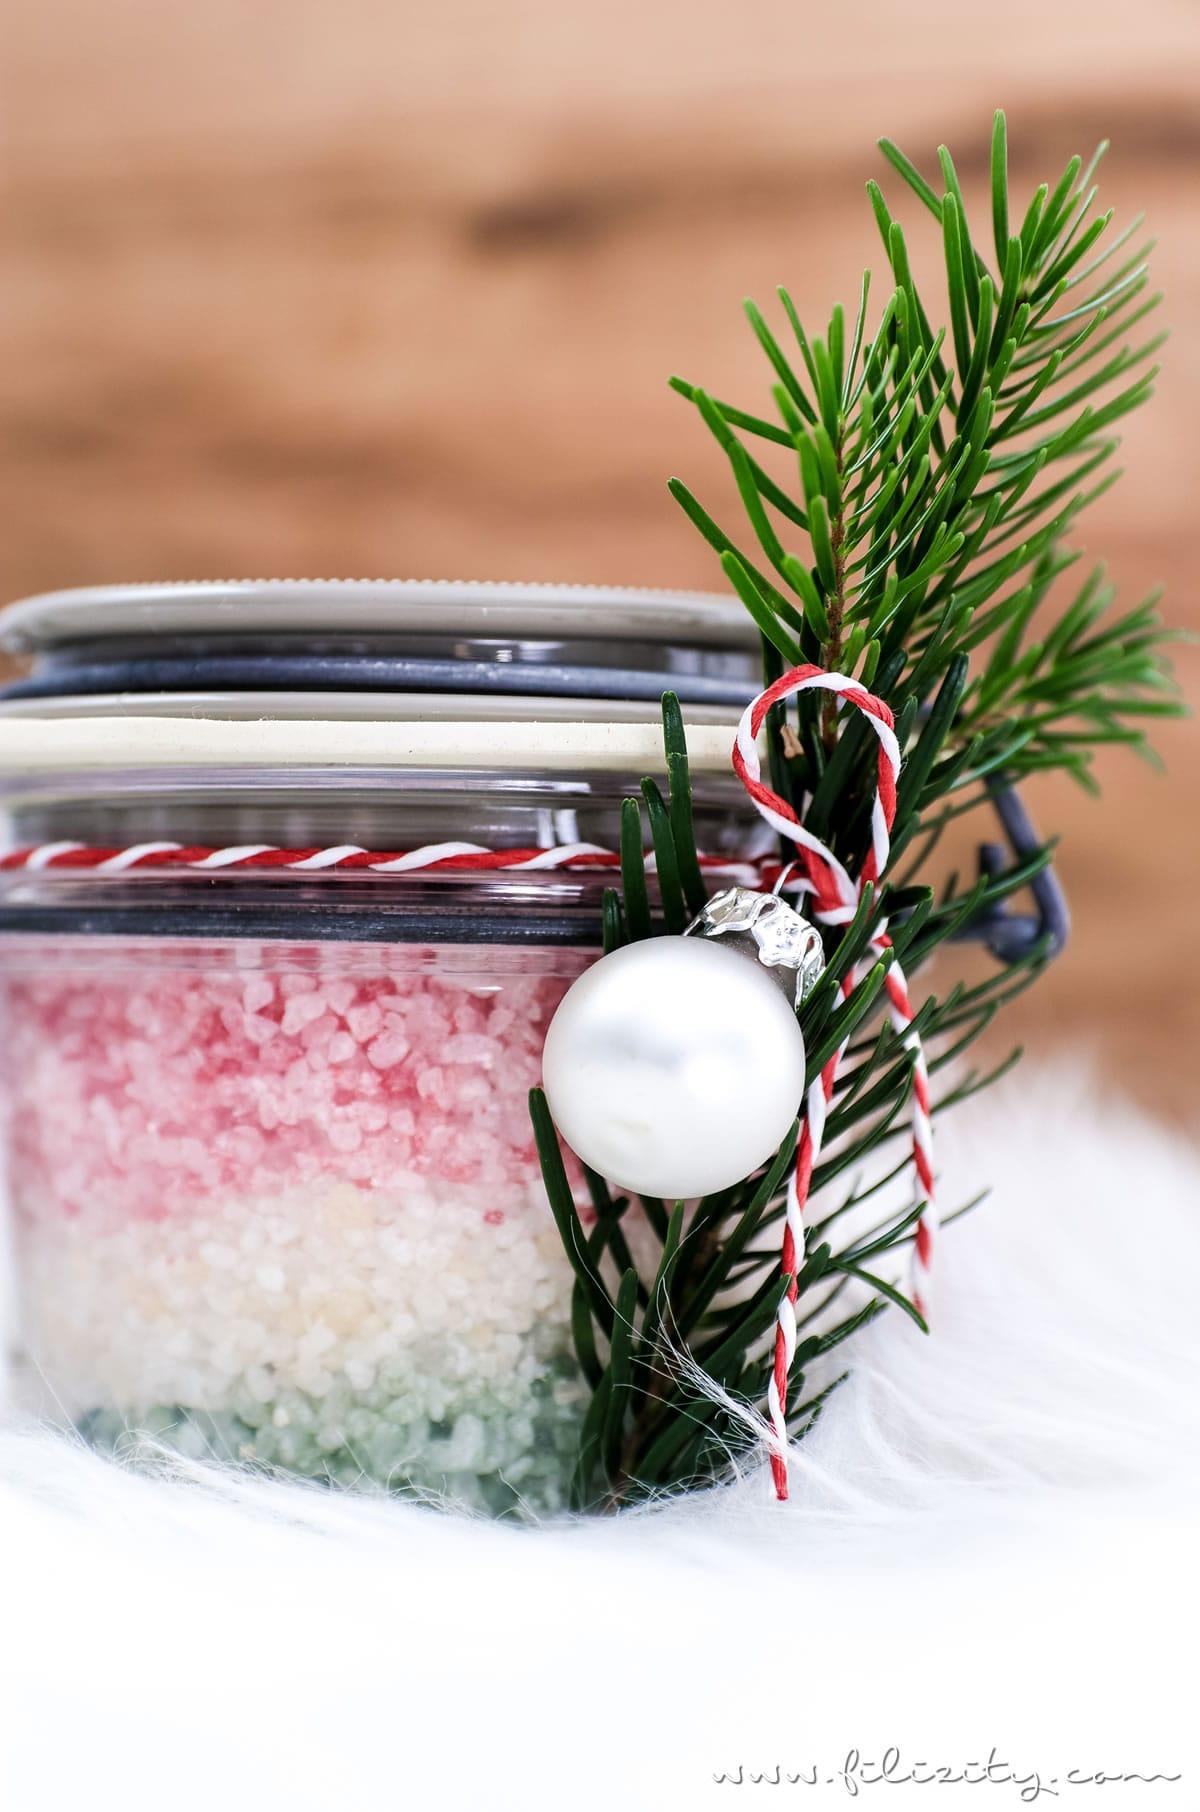 Weihnachts-Geschenkidee: DIY Badesalz mit Weihnachtsduft | Filizity.com | Beauty-Blog aus dem Rheinland #weihnachten #weihnachtsgeschenke #geschenkideen #natürkosmetik